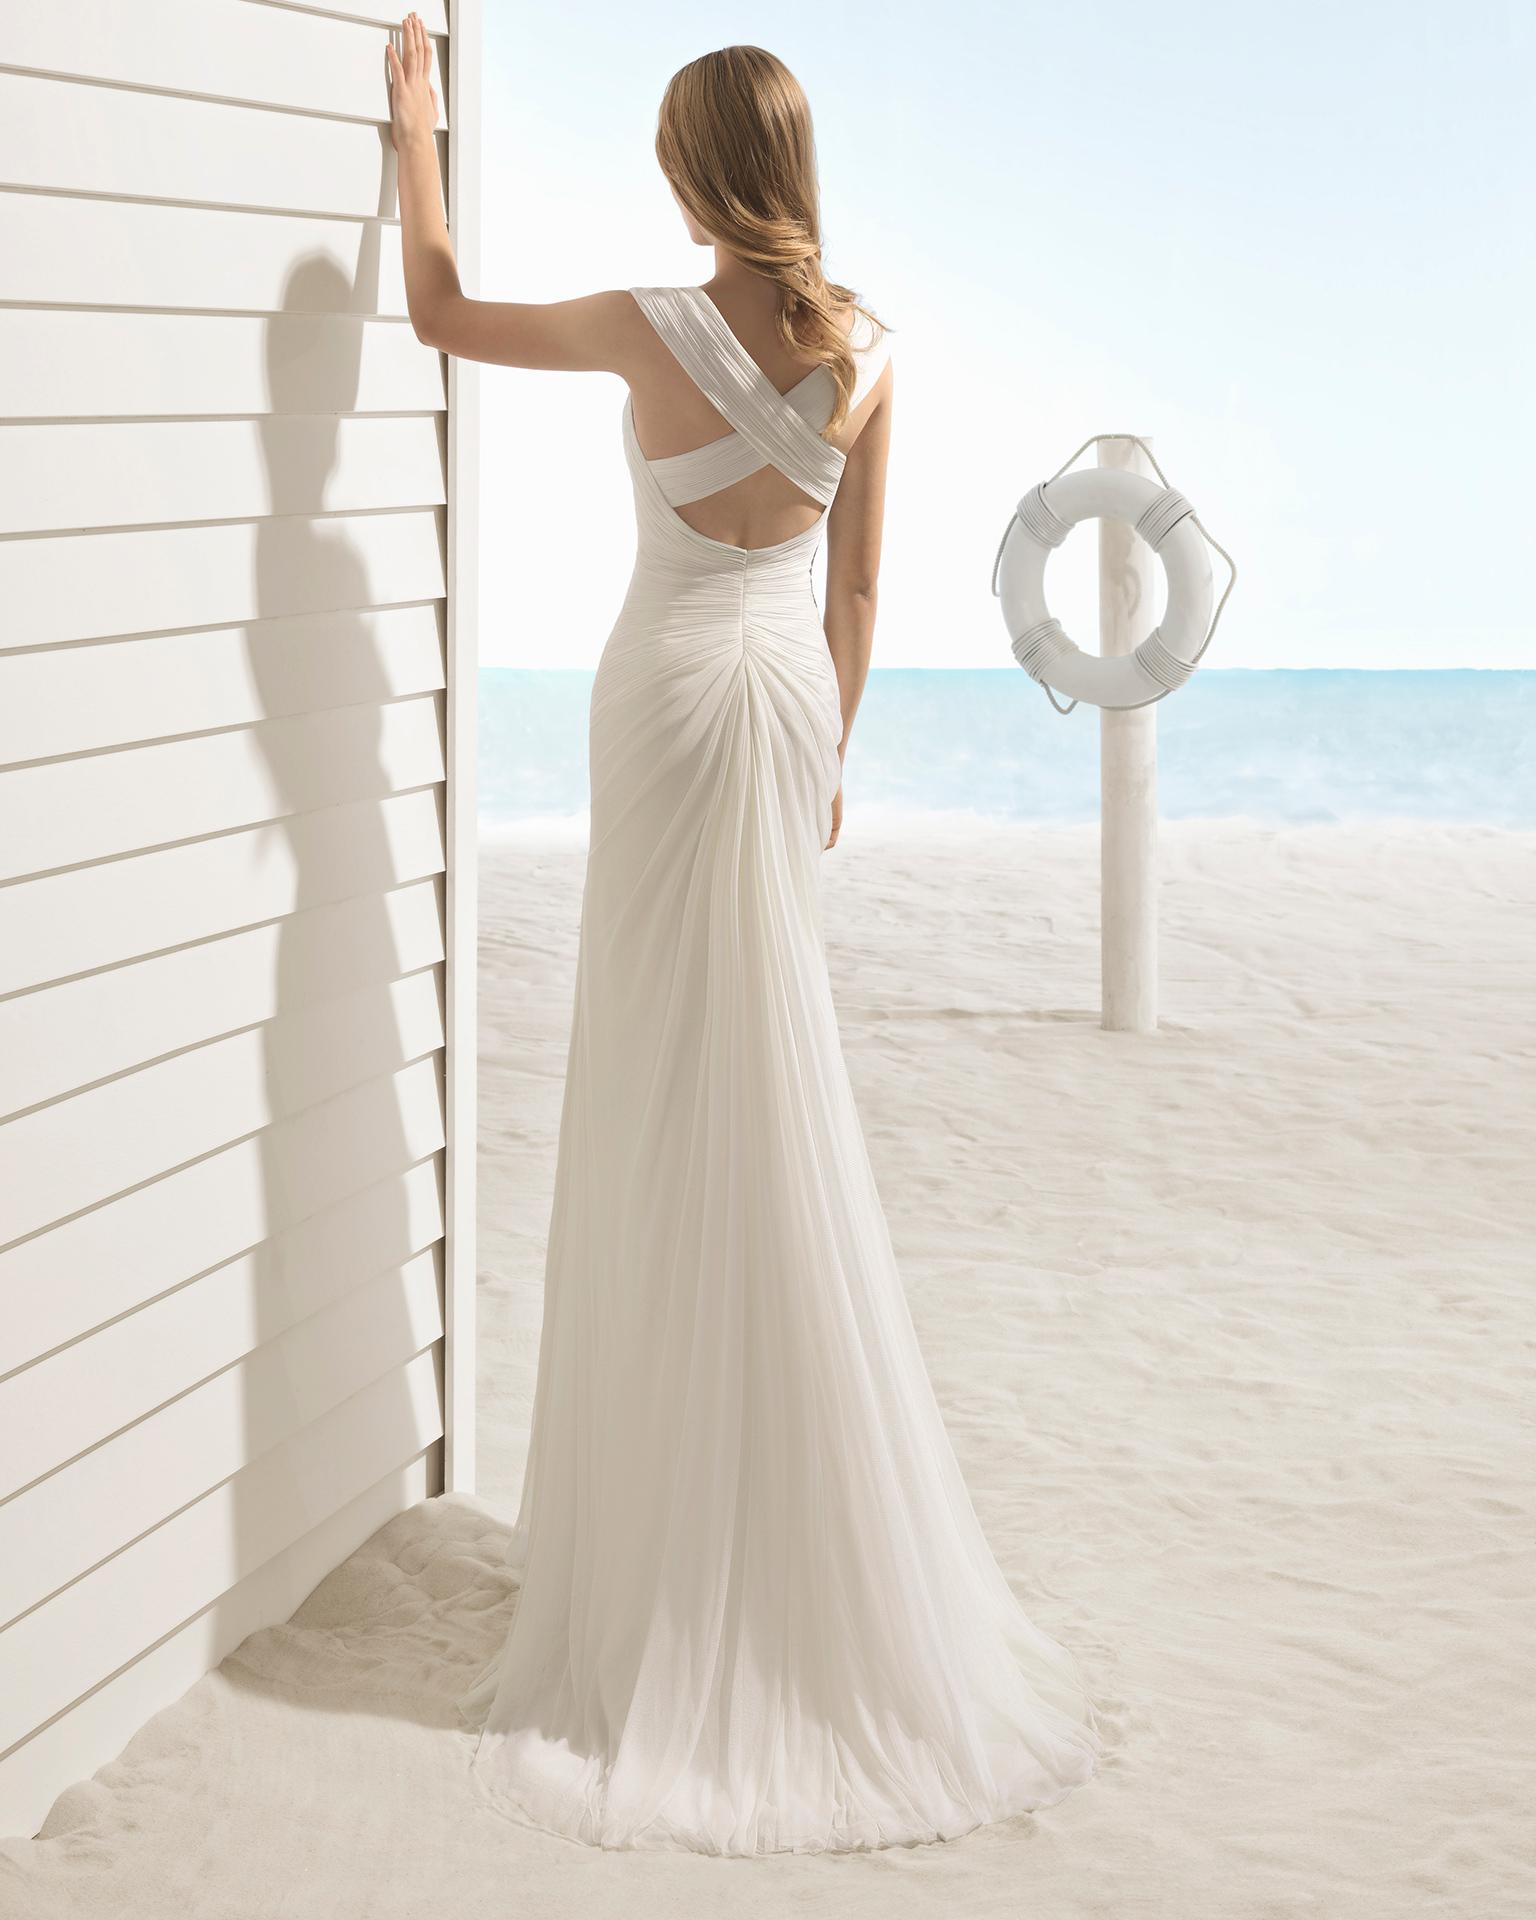 Robe de mariée style bohème en mousseline de soie, avec col croisé et dos avec bretelle croisée.